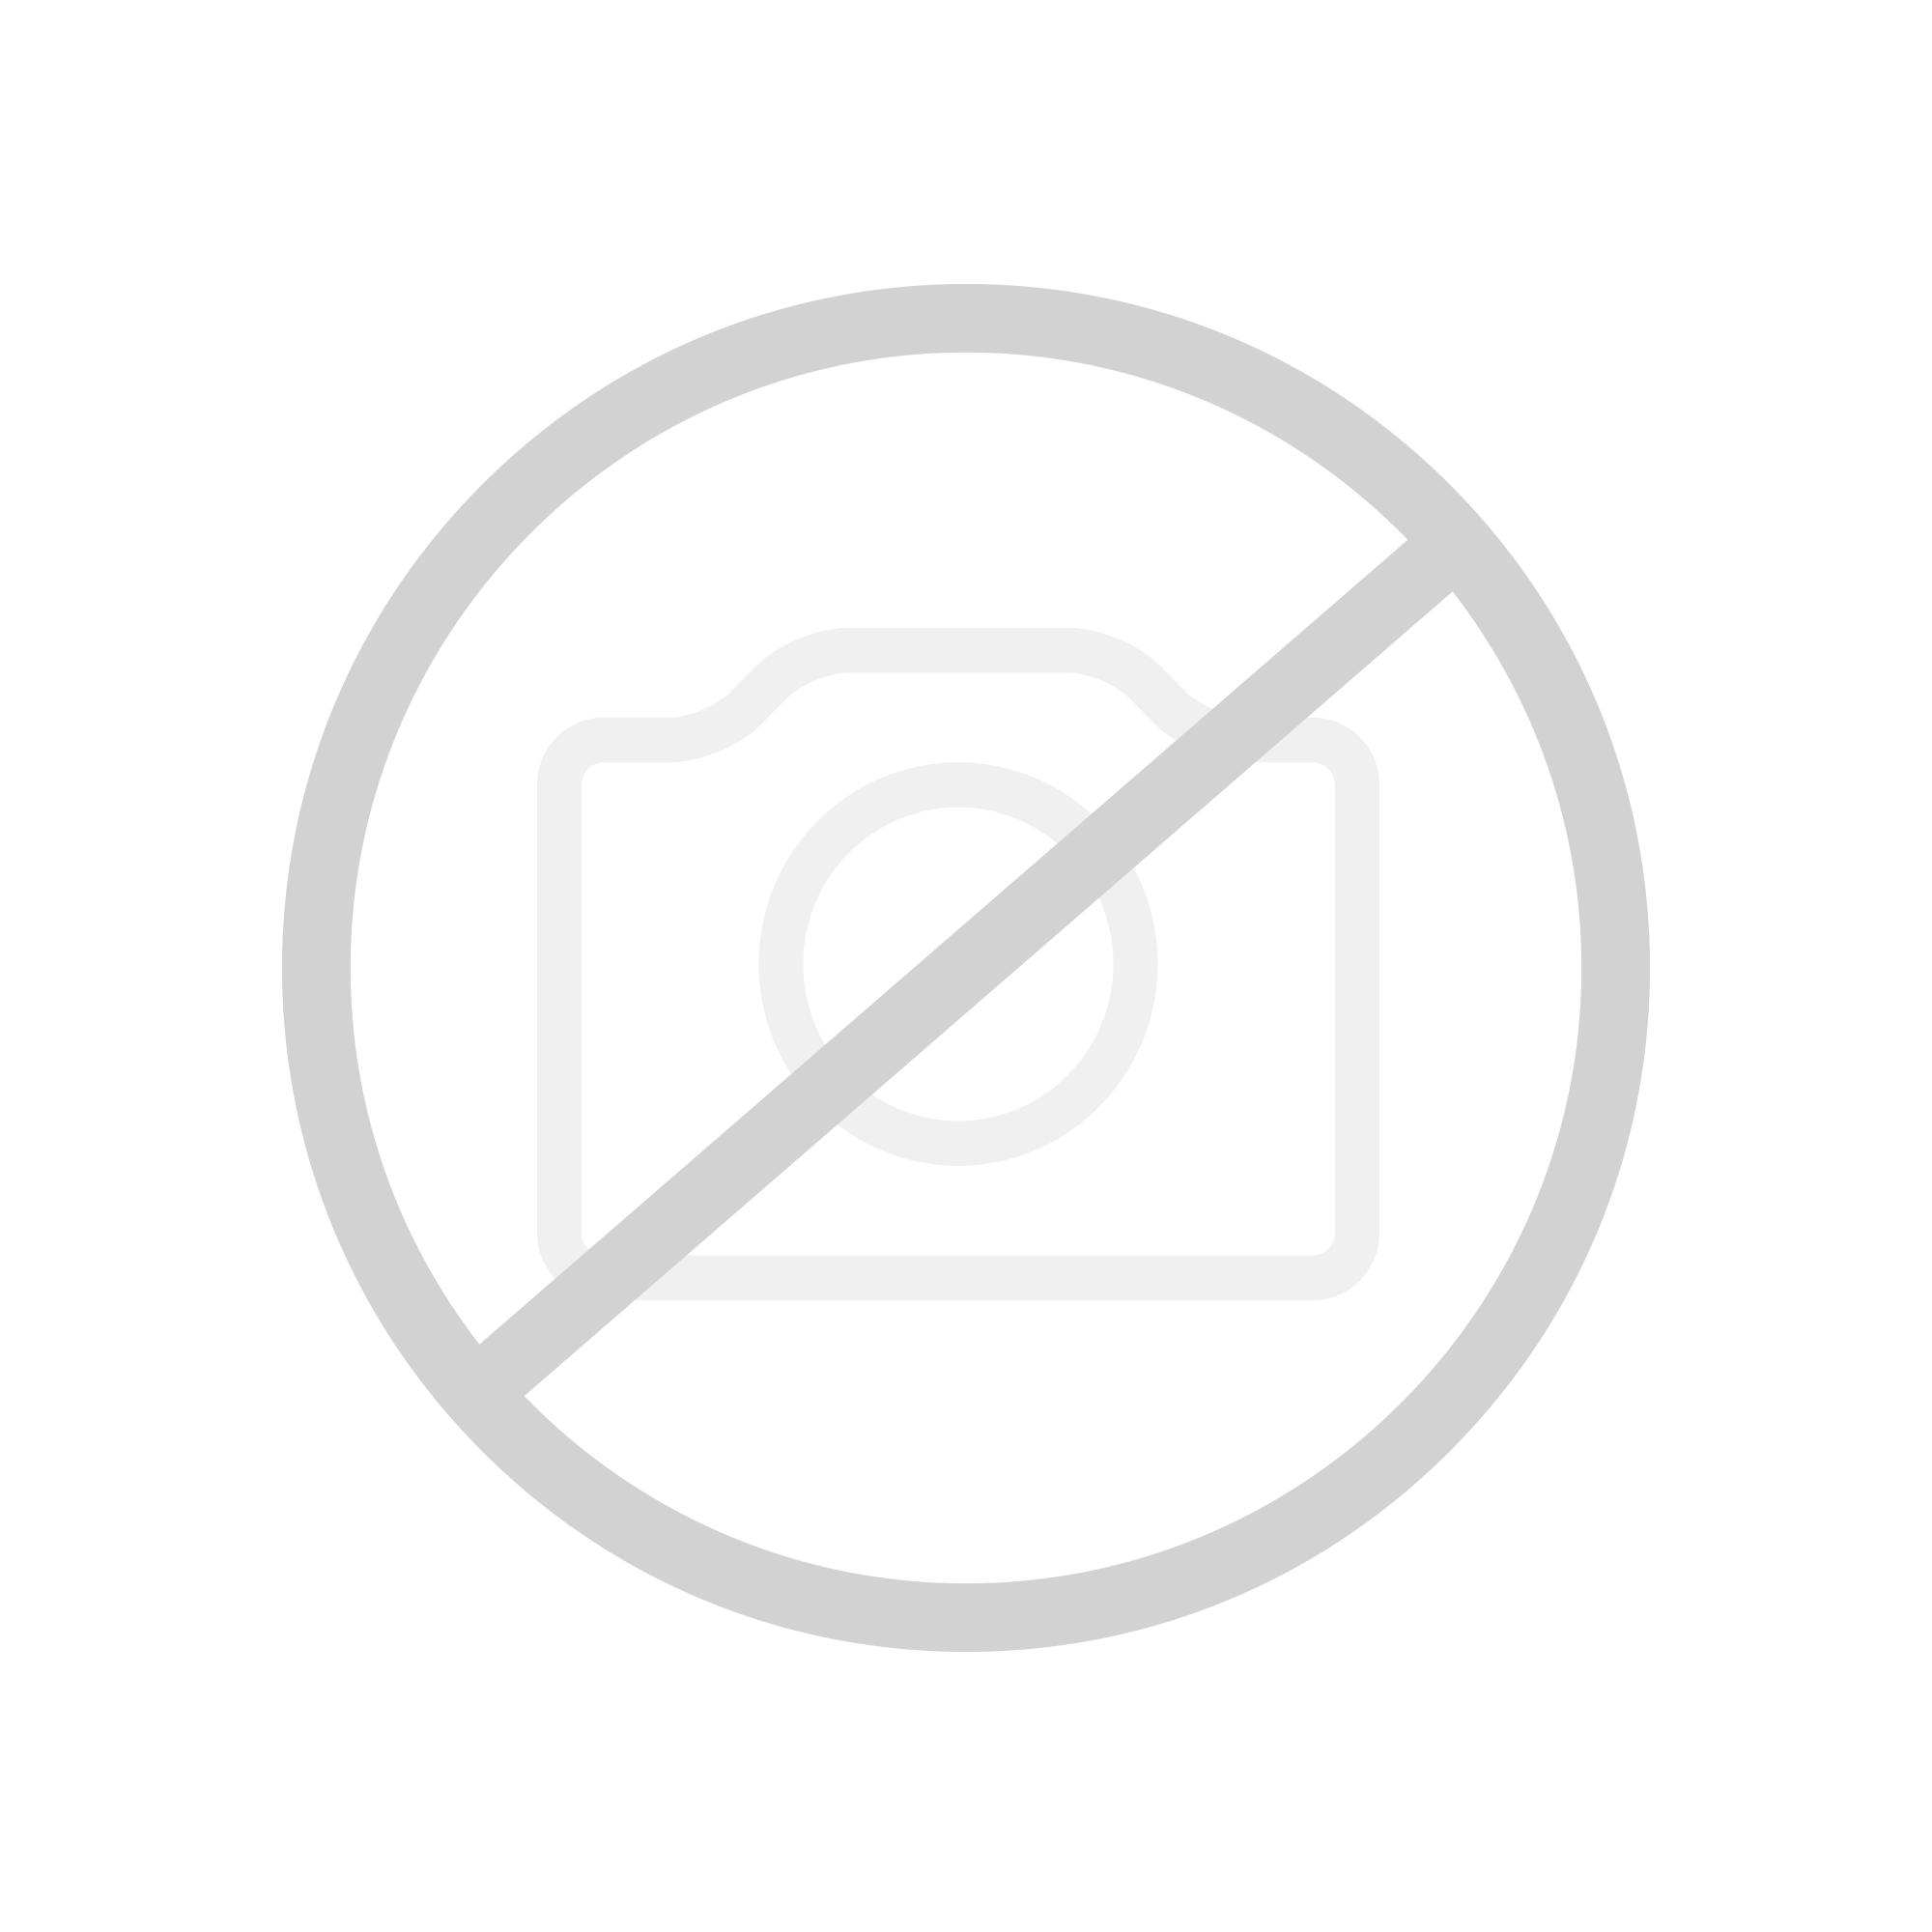 Victoria + Albert Shropshire freistehende Badewanne weiß, mit weißen QUARRYCAST®  Füßen